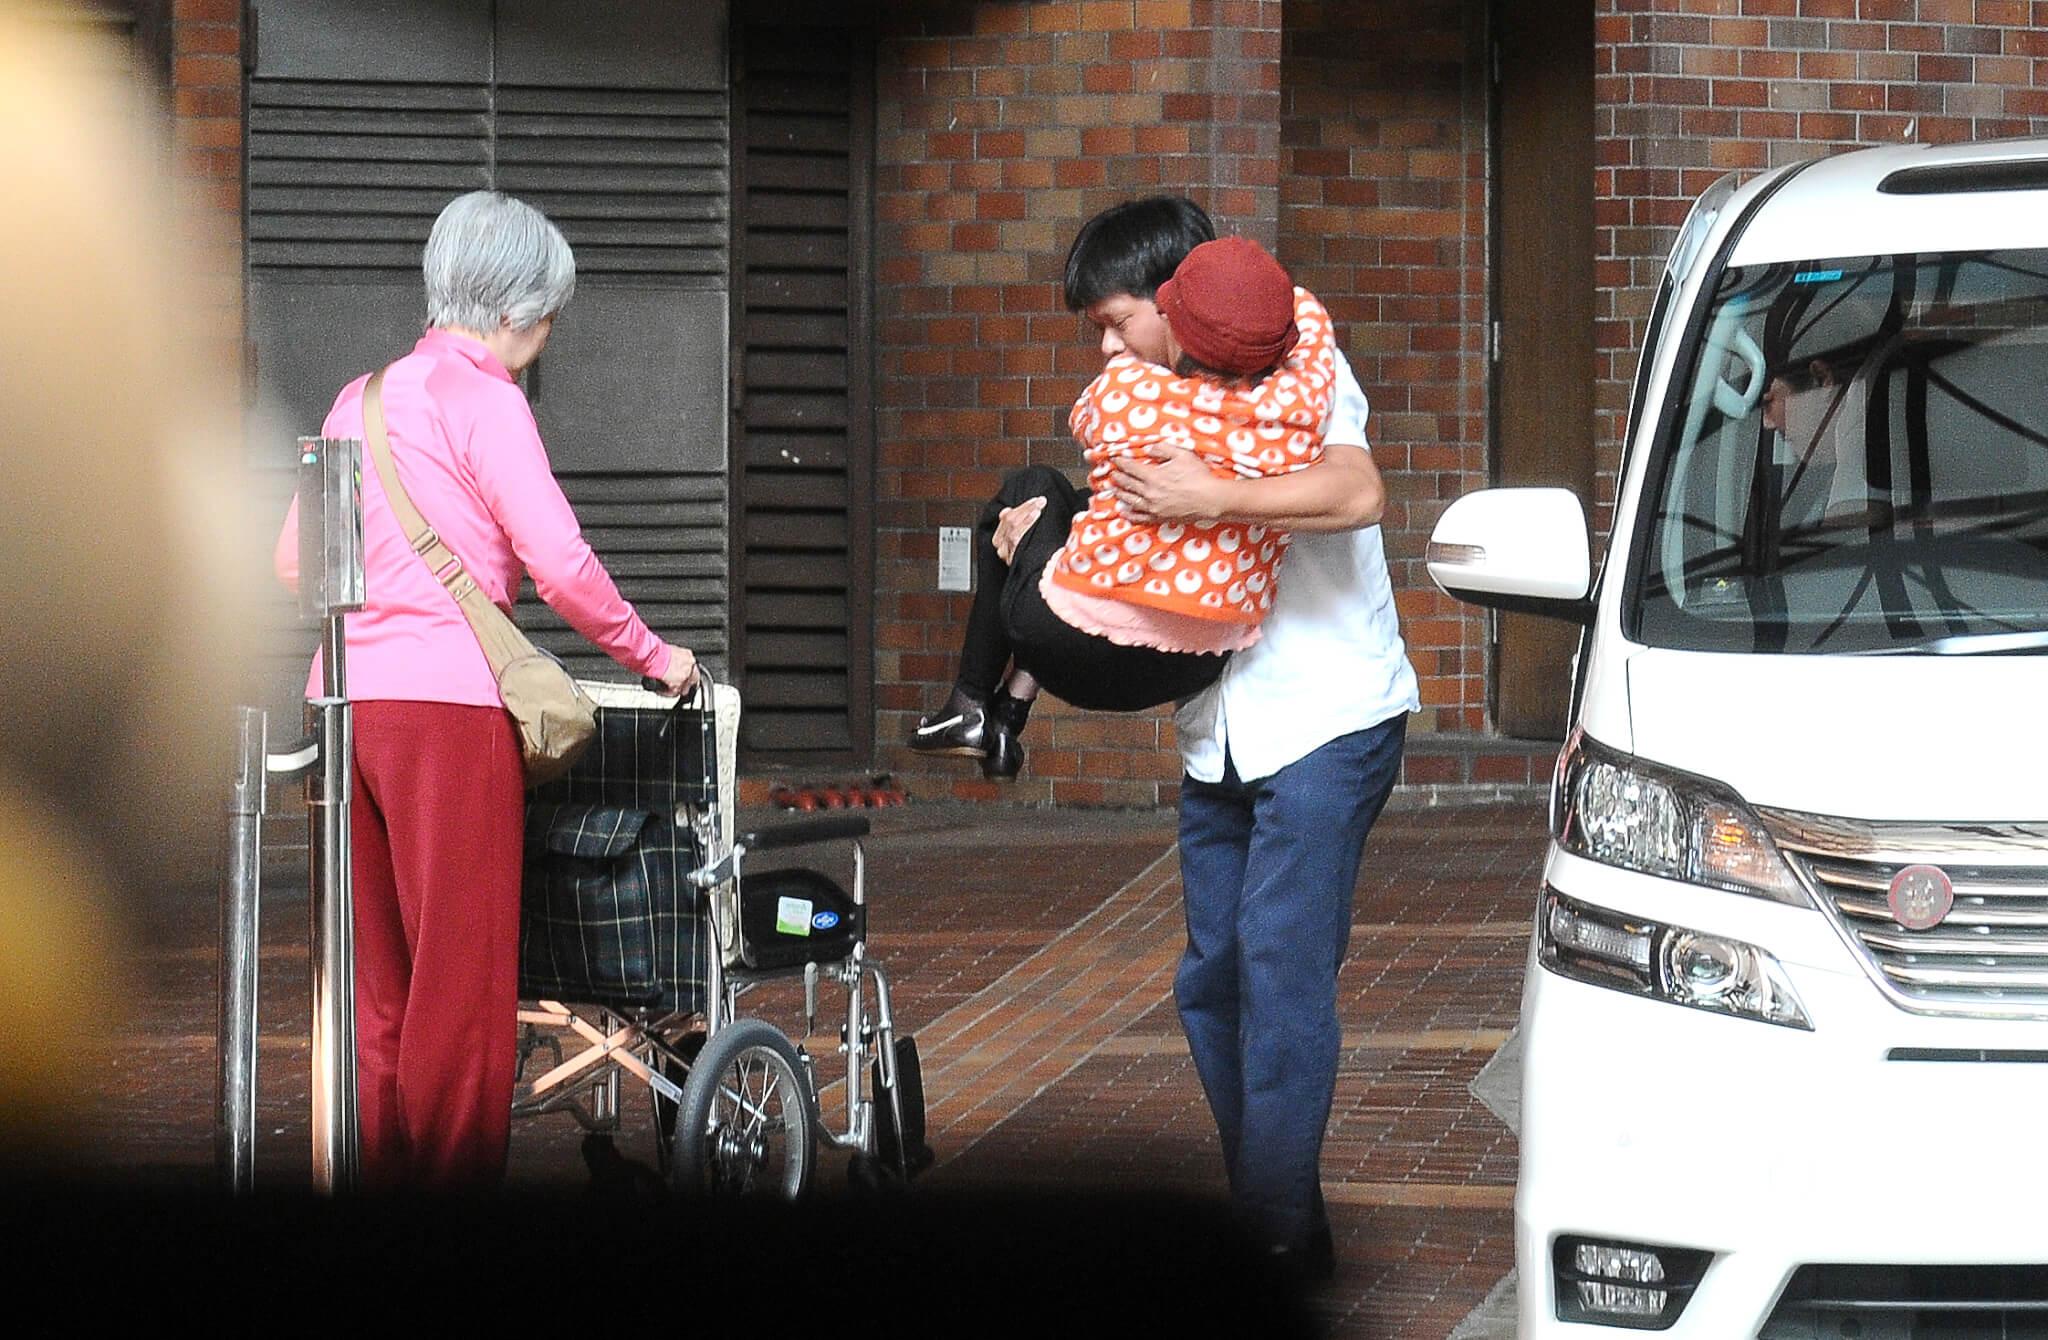 李香琴在女兒陪伴下到治療中心,記者見琴姐的女兒先落車準備輪椅,司機則抱着琴姐落車坐輪椅,同行還有私人看護。